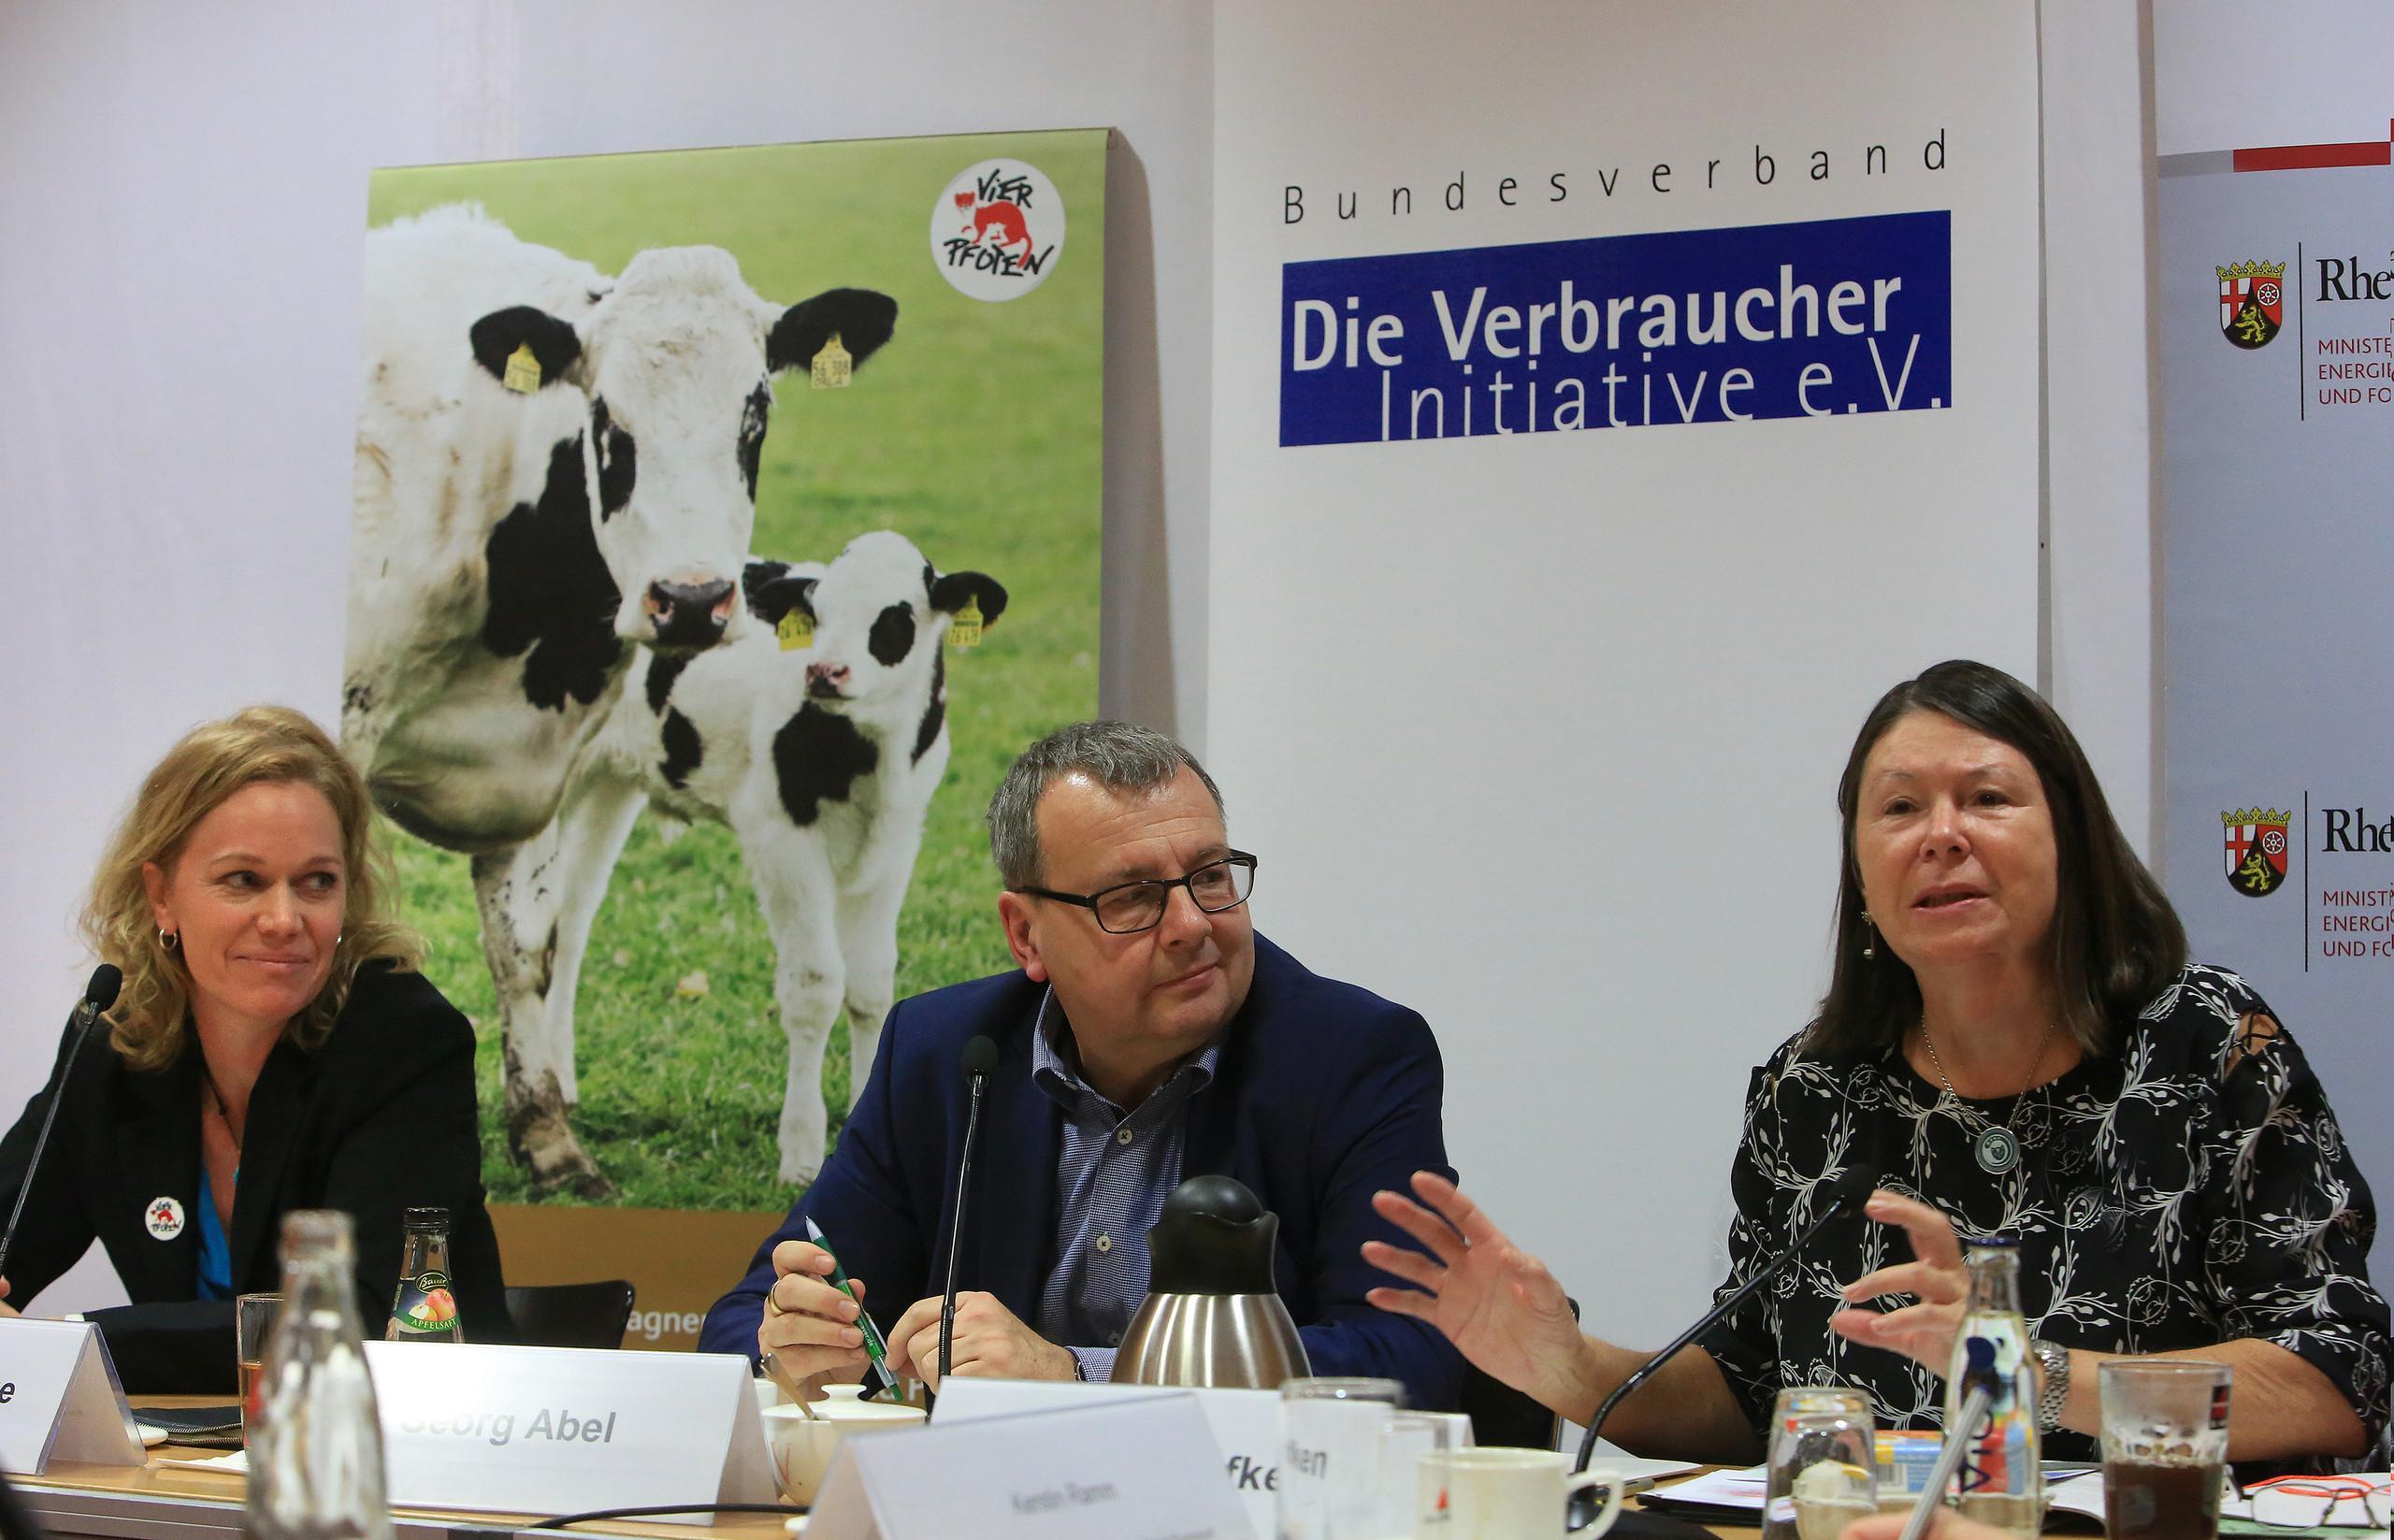 Auf dem Podium: Ina Müller-Arnke, Georg Abel und Ulrike Höfken